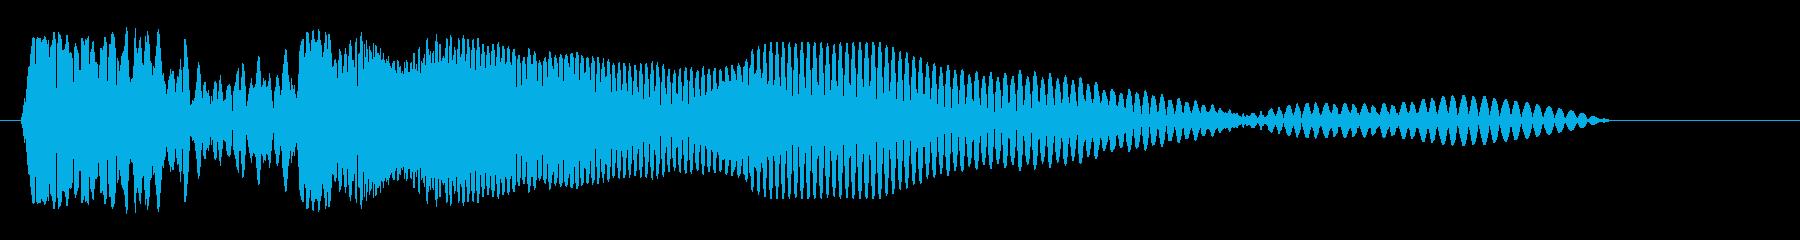 ドシュ〜ン(動きのあるシンセの効果音)の再生済みの波形